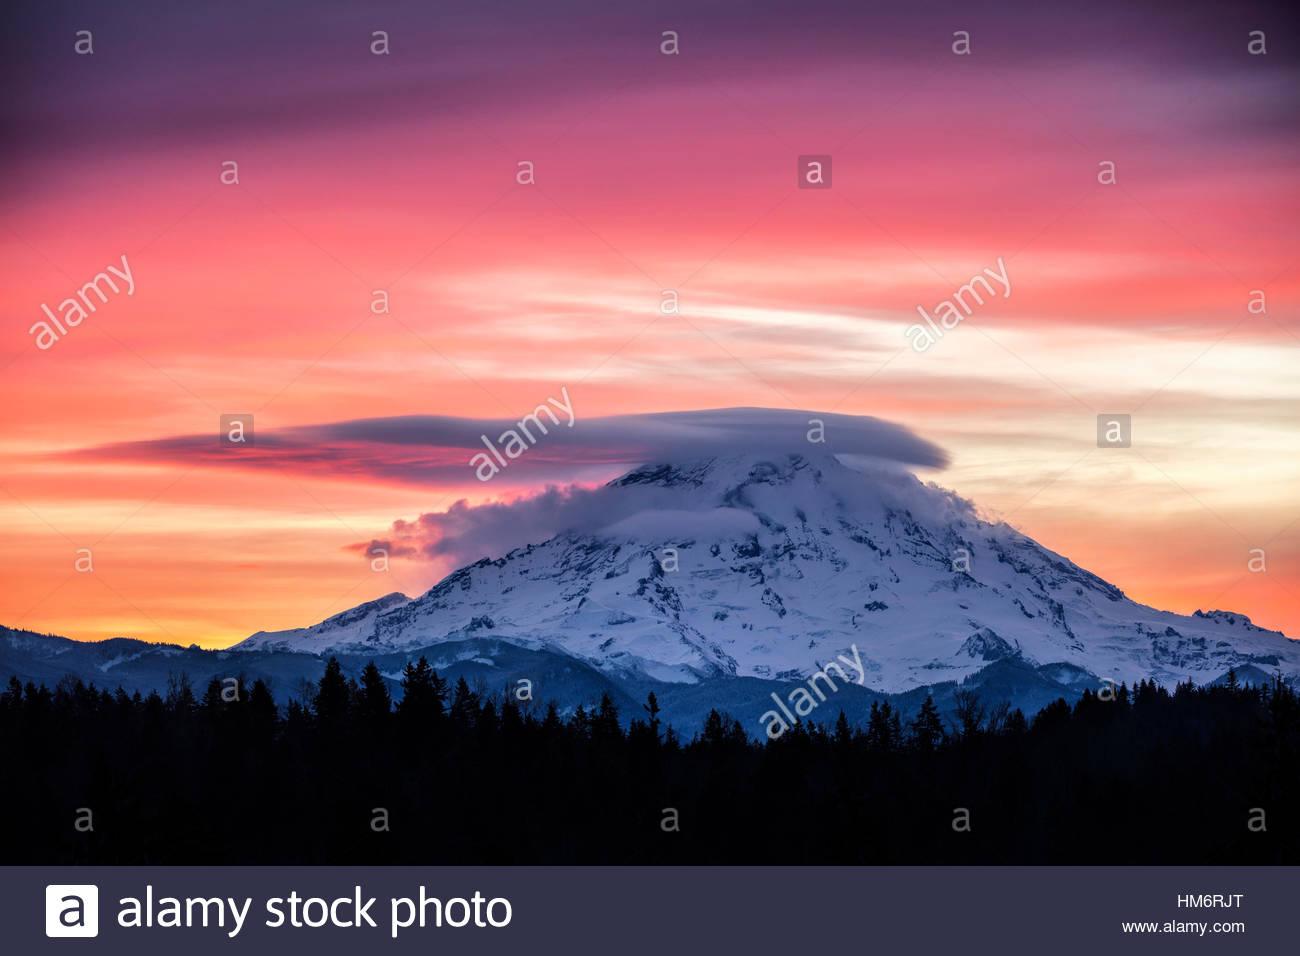 Una nube lenticolare caps la vetta del Monte Rainier a sunrise in questa vista dal lago Bonney, Washington. Nuvole Immagini Stock